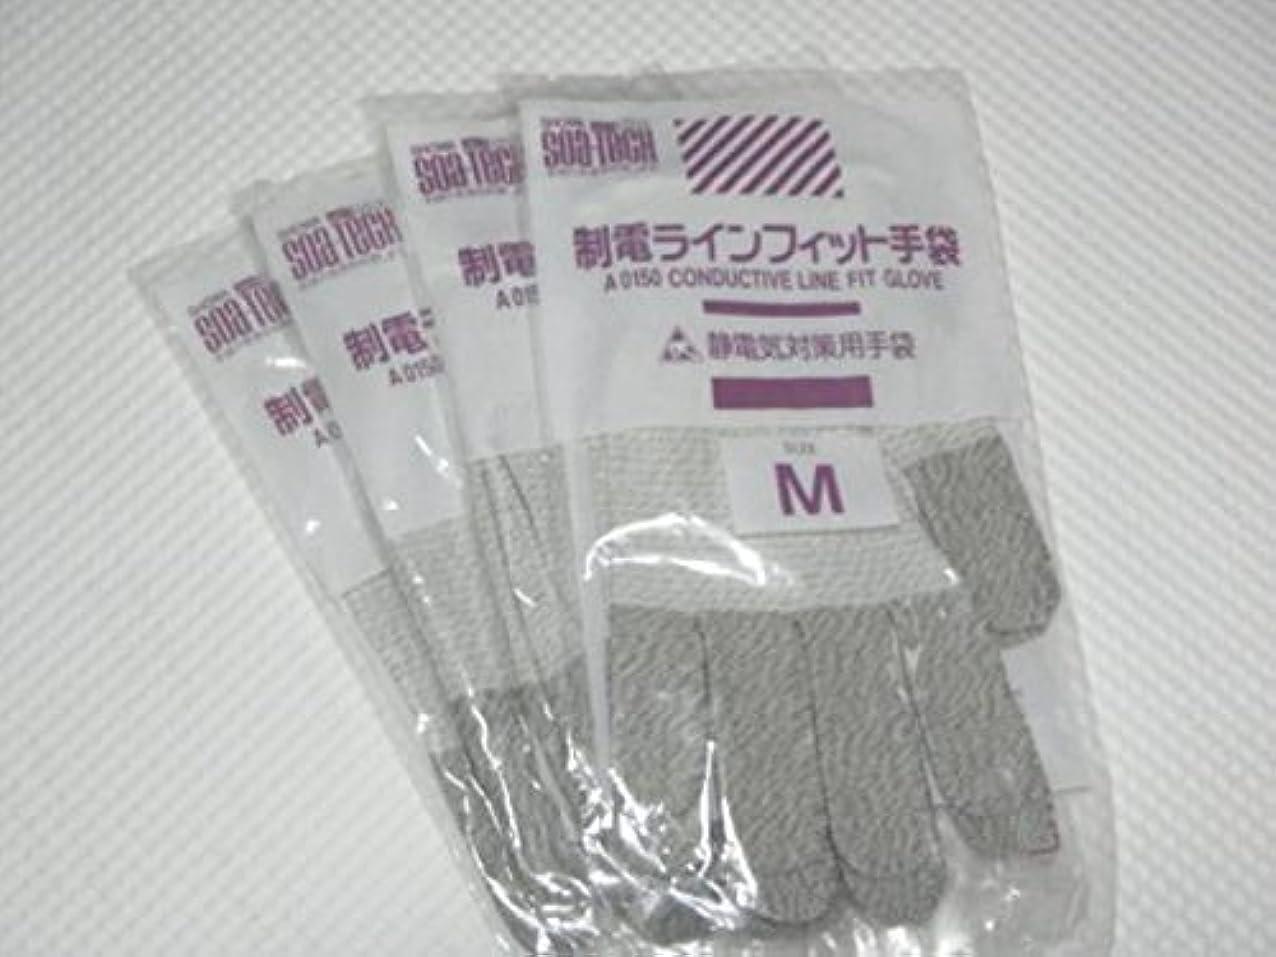 あいまい一瞬ハーブショーワグローブ 制電ラインフィット手袋 Mサイズ A0150-M②